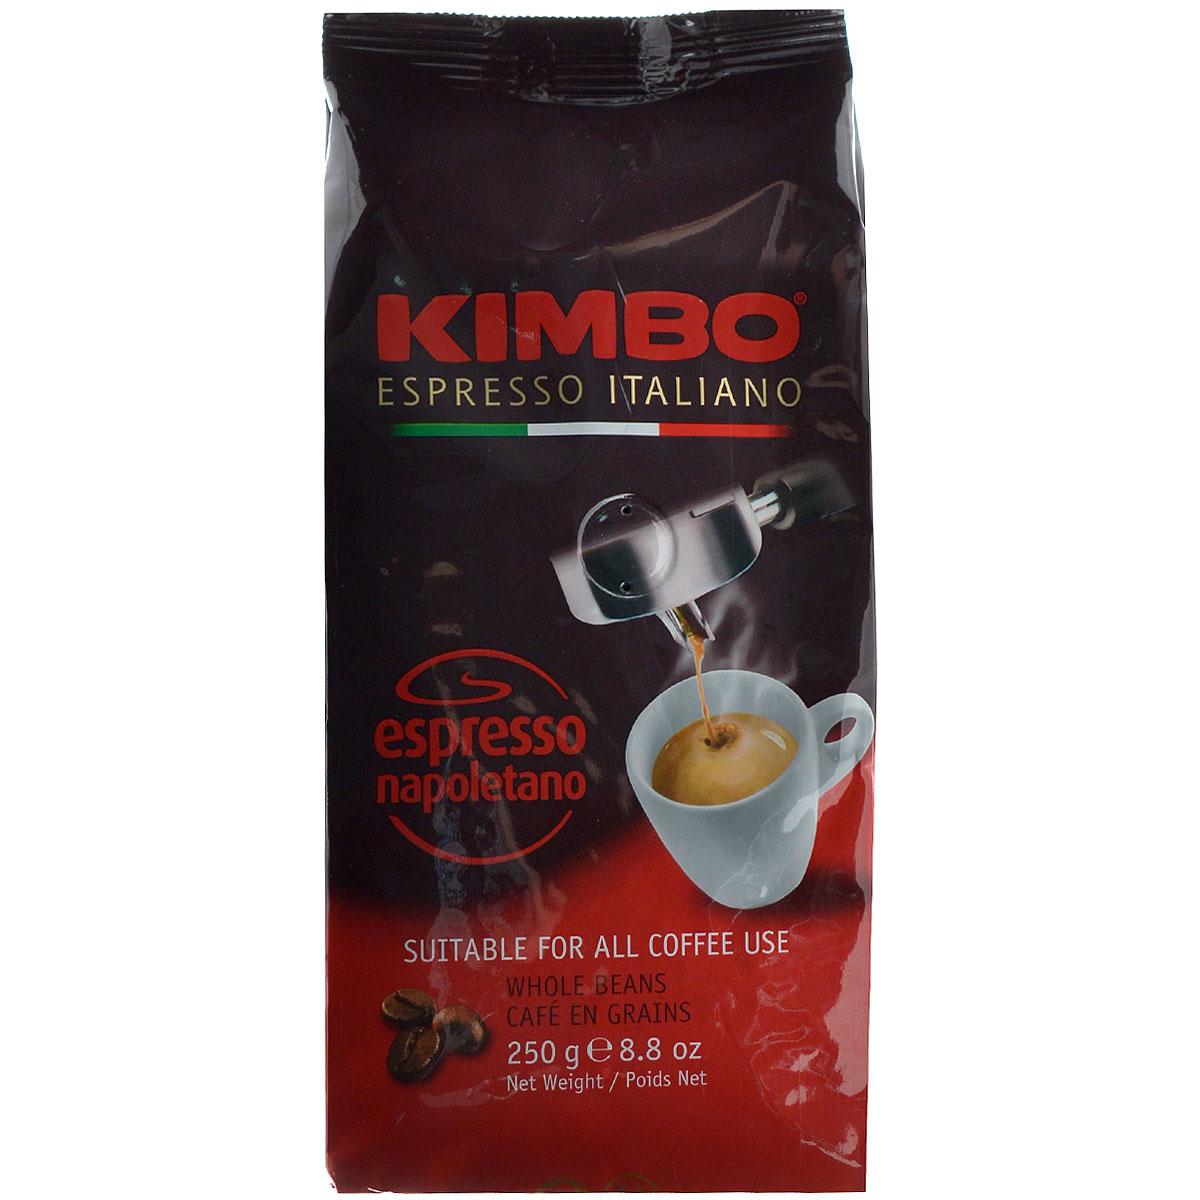 Kimbo Espresso Napoletano кофе в зернах, 250 г101246Натуральный жареный кофе в зернах Kimbo Espresso Napoletano с интенсивным вкусом и богатым ароматом. Традиционная неаполитанская обжарка характеризуется густой пенкой. Идеально подходит для любителей крепкого эспрессо. Смесь содержит 90% арабики и 10% робусты.